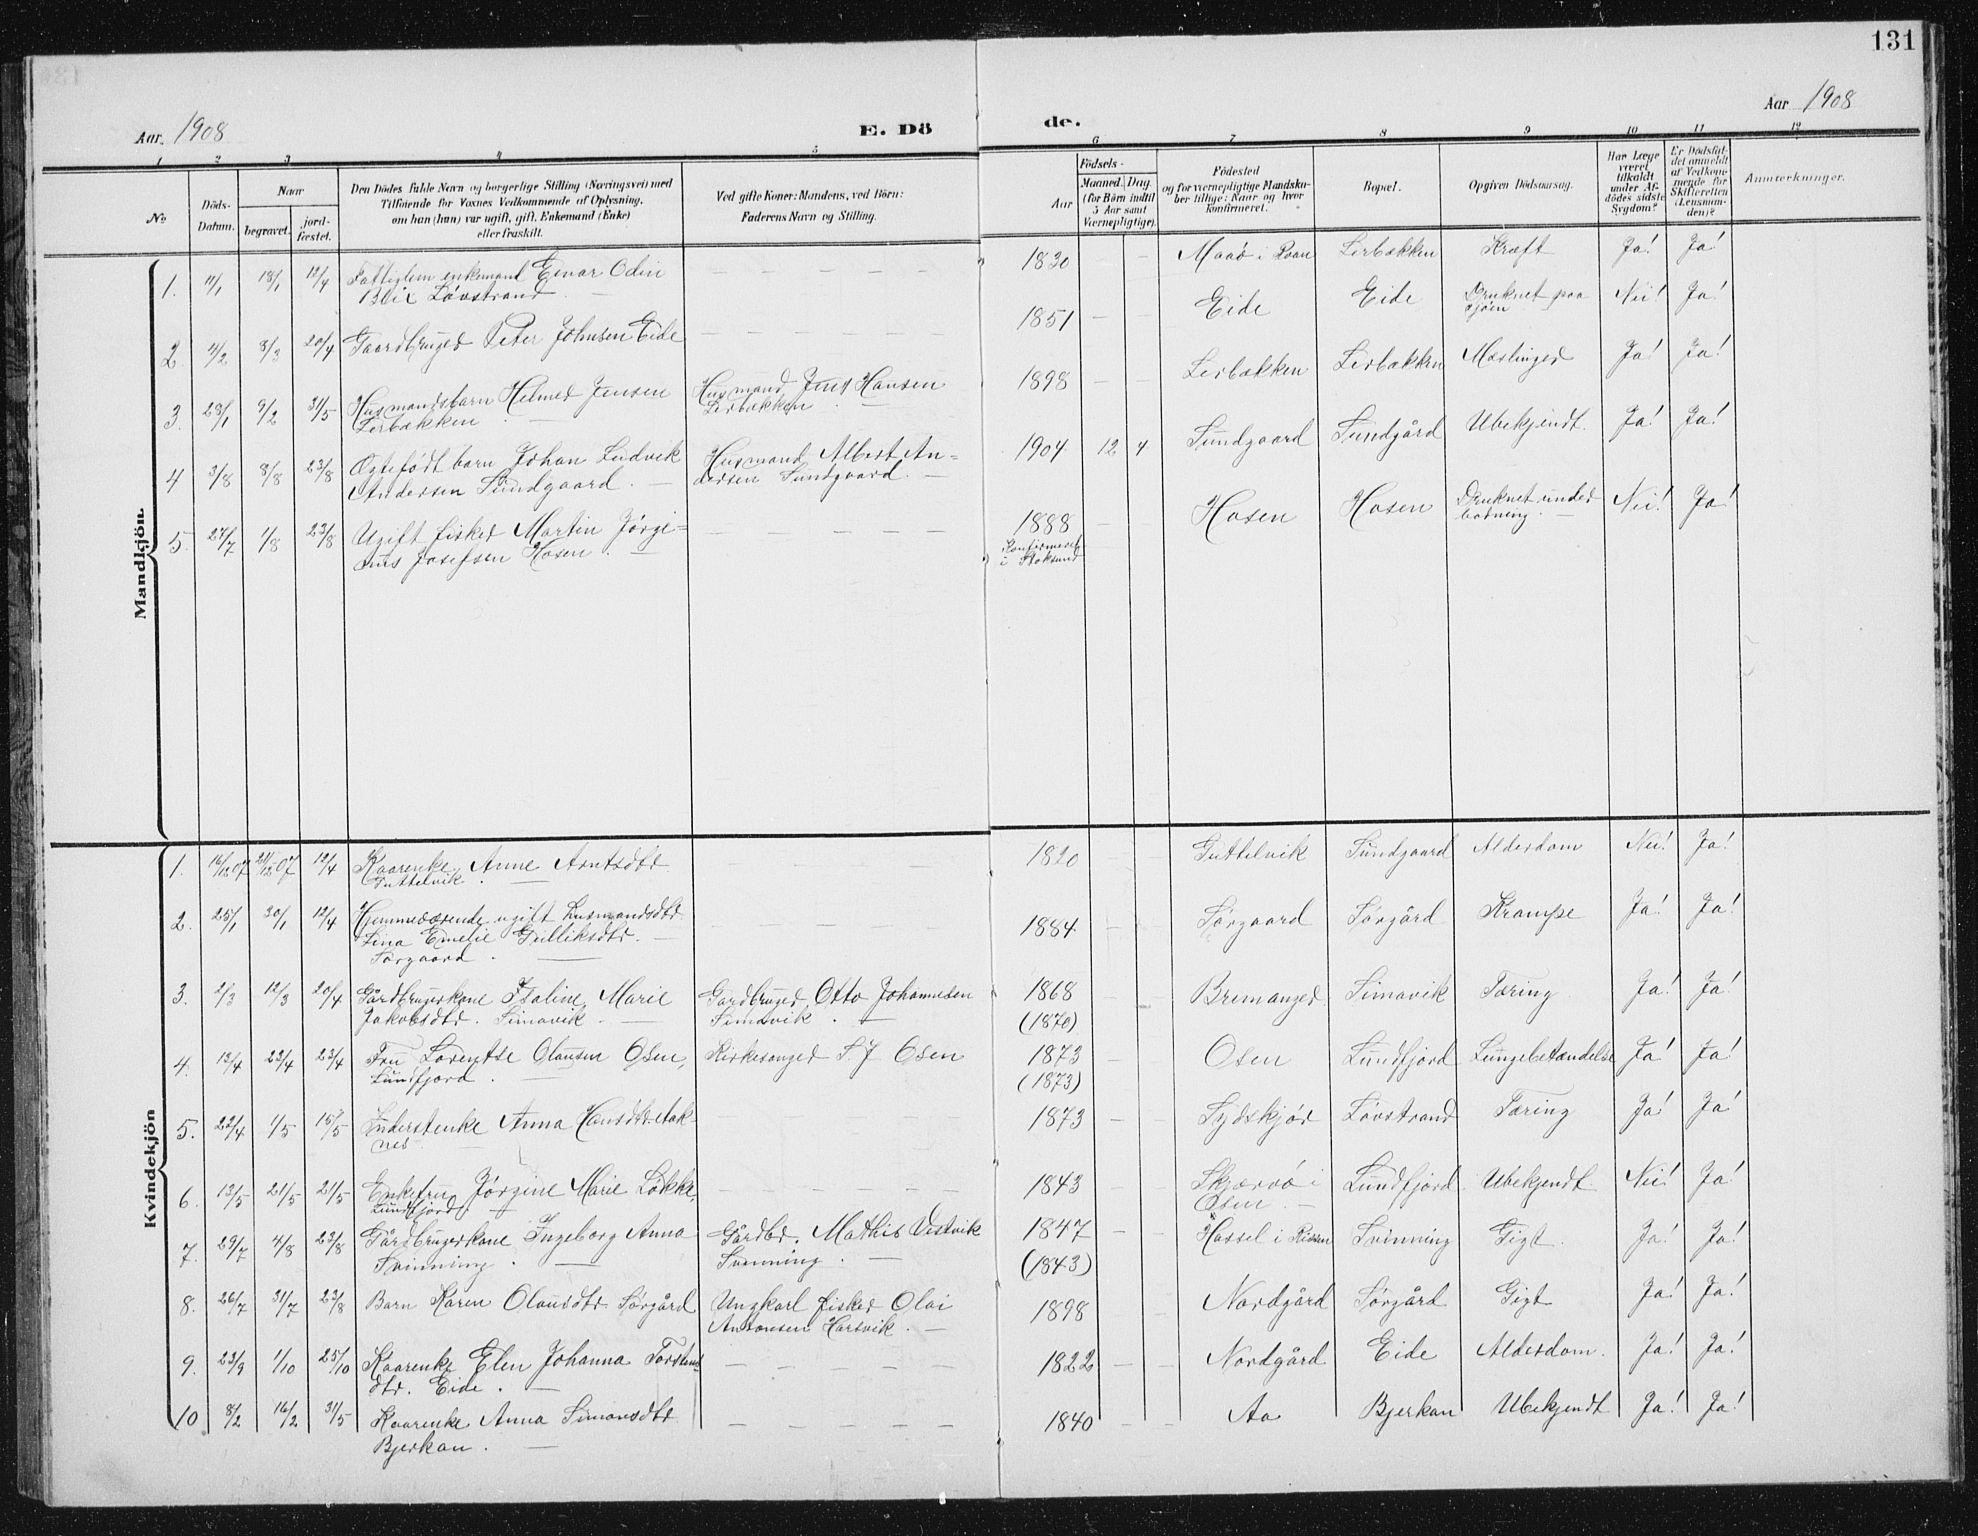 SAT, Ministerialprotokoller, klokkerbøker og fødselsregistre - Sør-Trøndelag, 656/L0699: Klokkerbok nr. 656C05, 1905-1920, s. 131